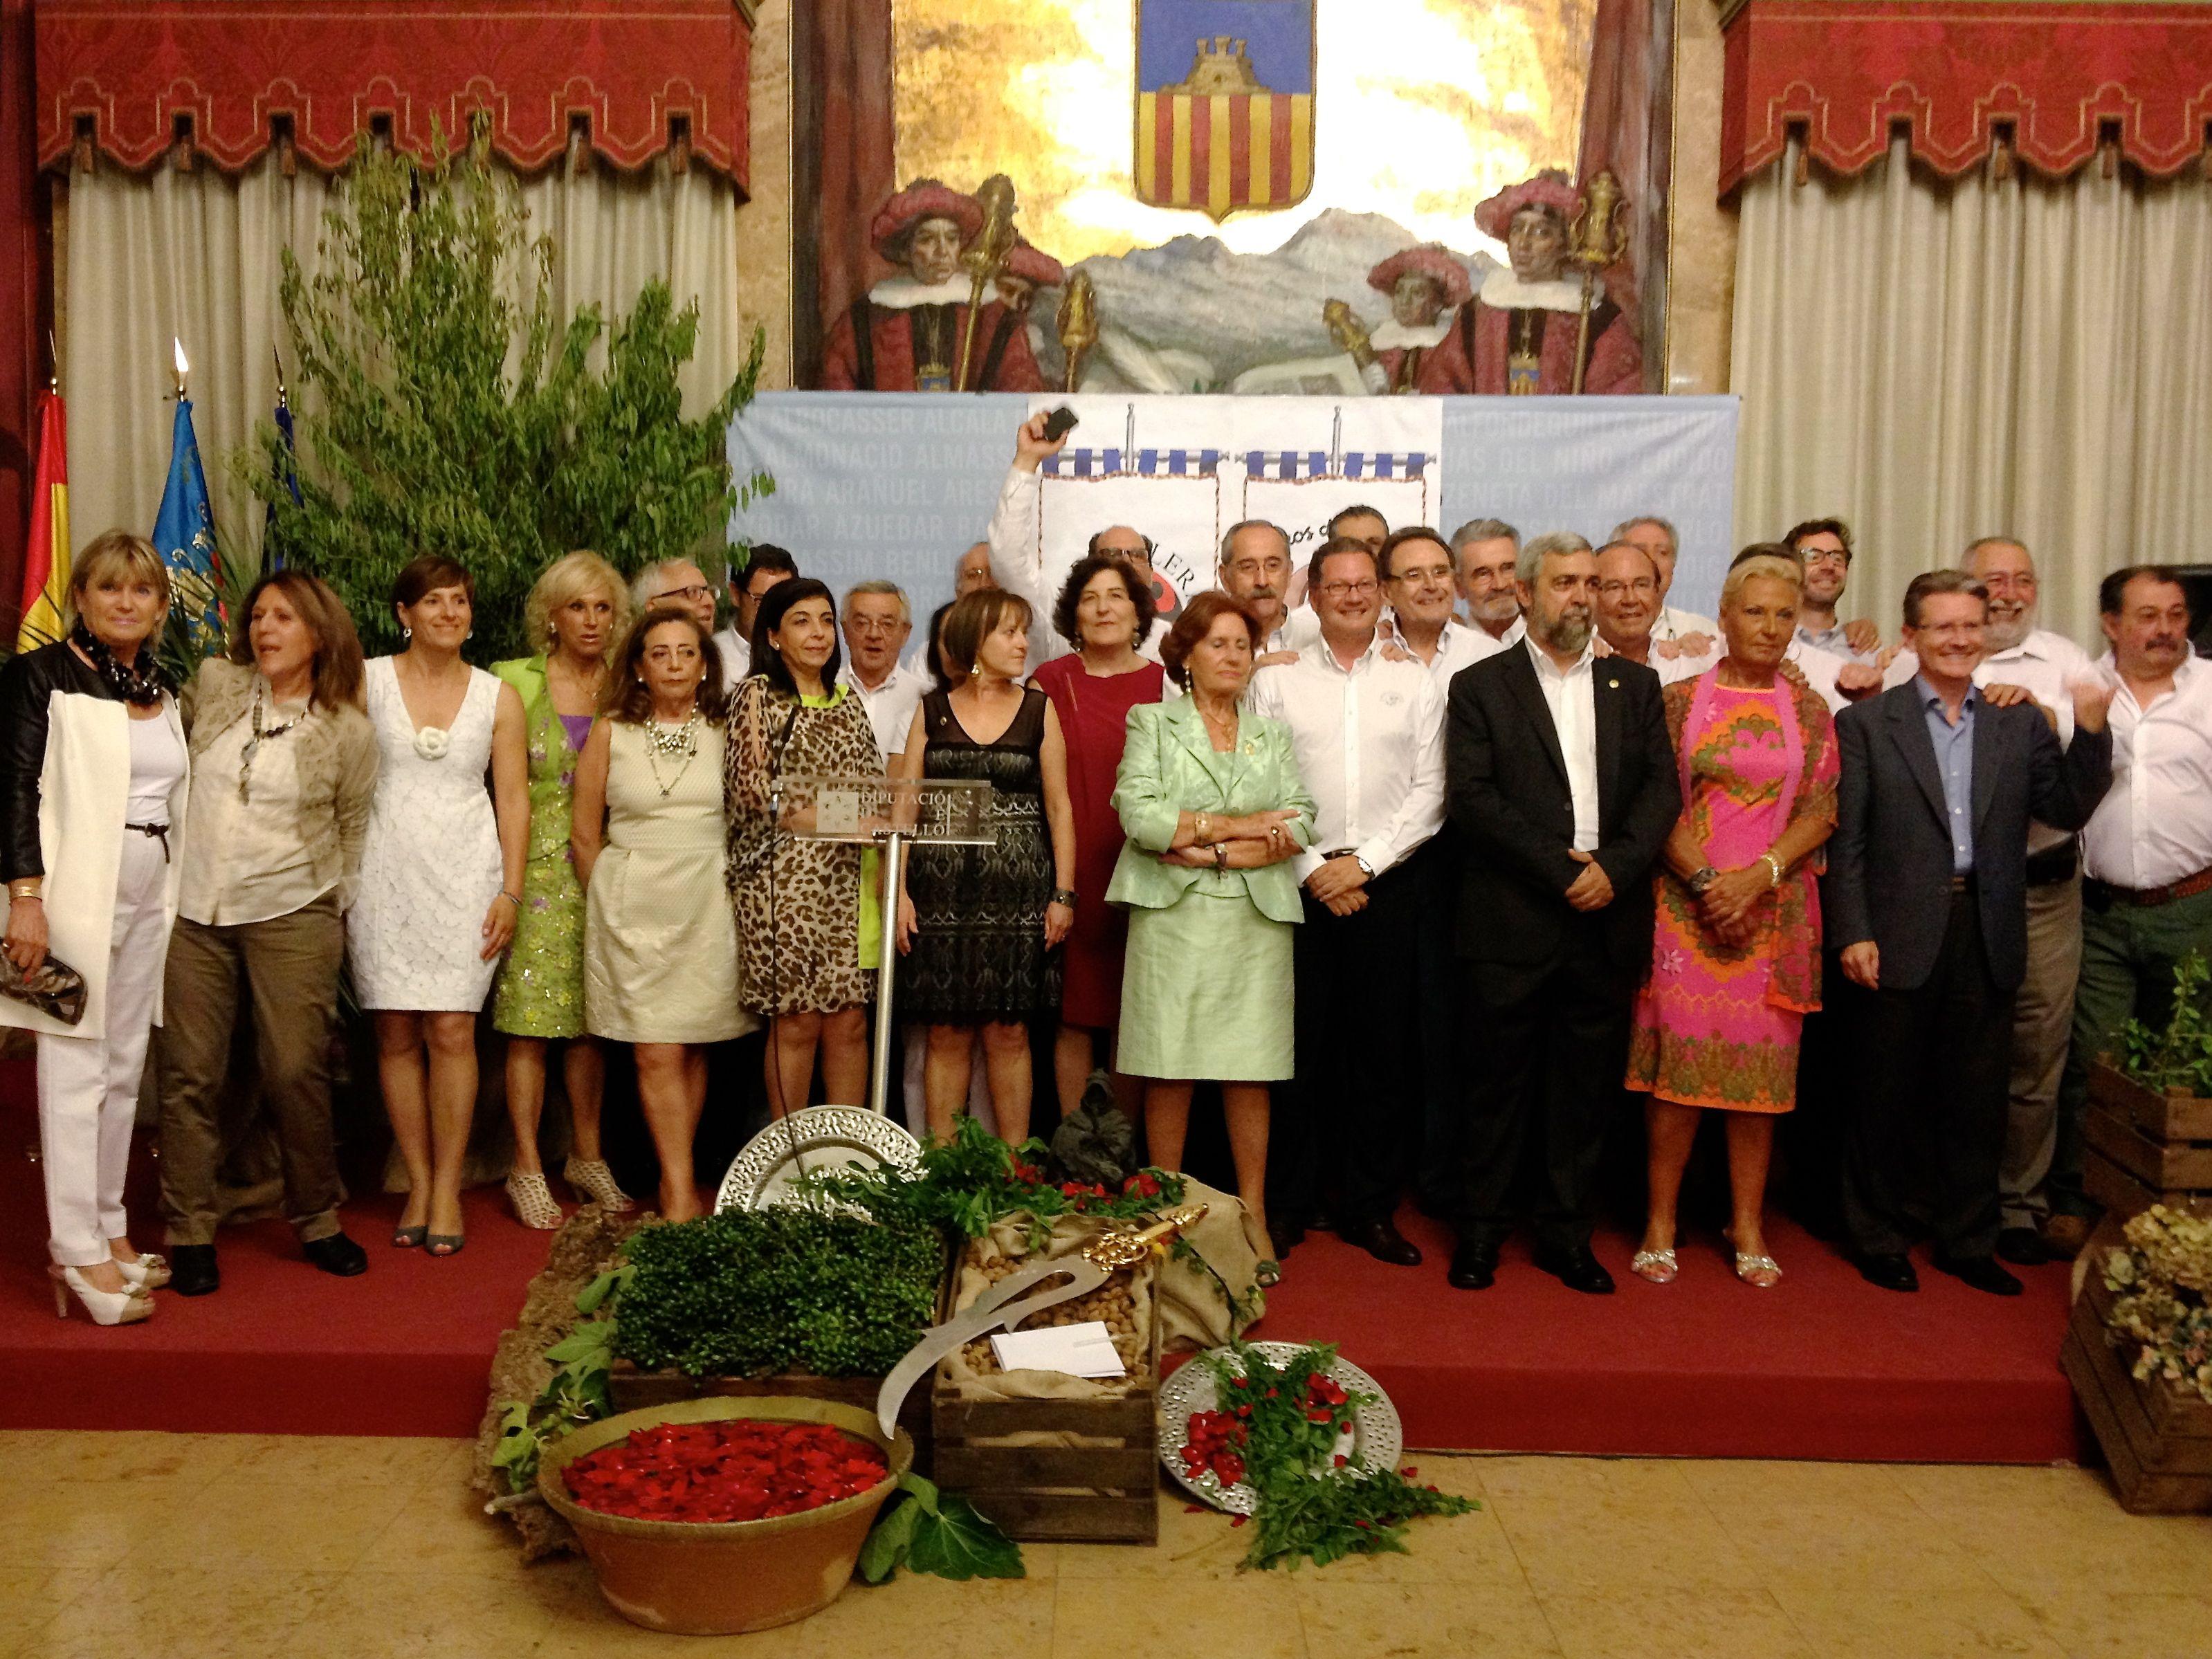 La Peña Taurina la Revolera, nos ha distinguido a los Moros d'Alqueria, con el Premio Revoleros 2013, en un magnifico acto.